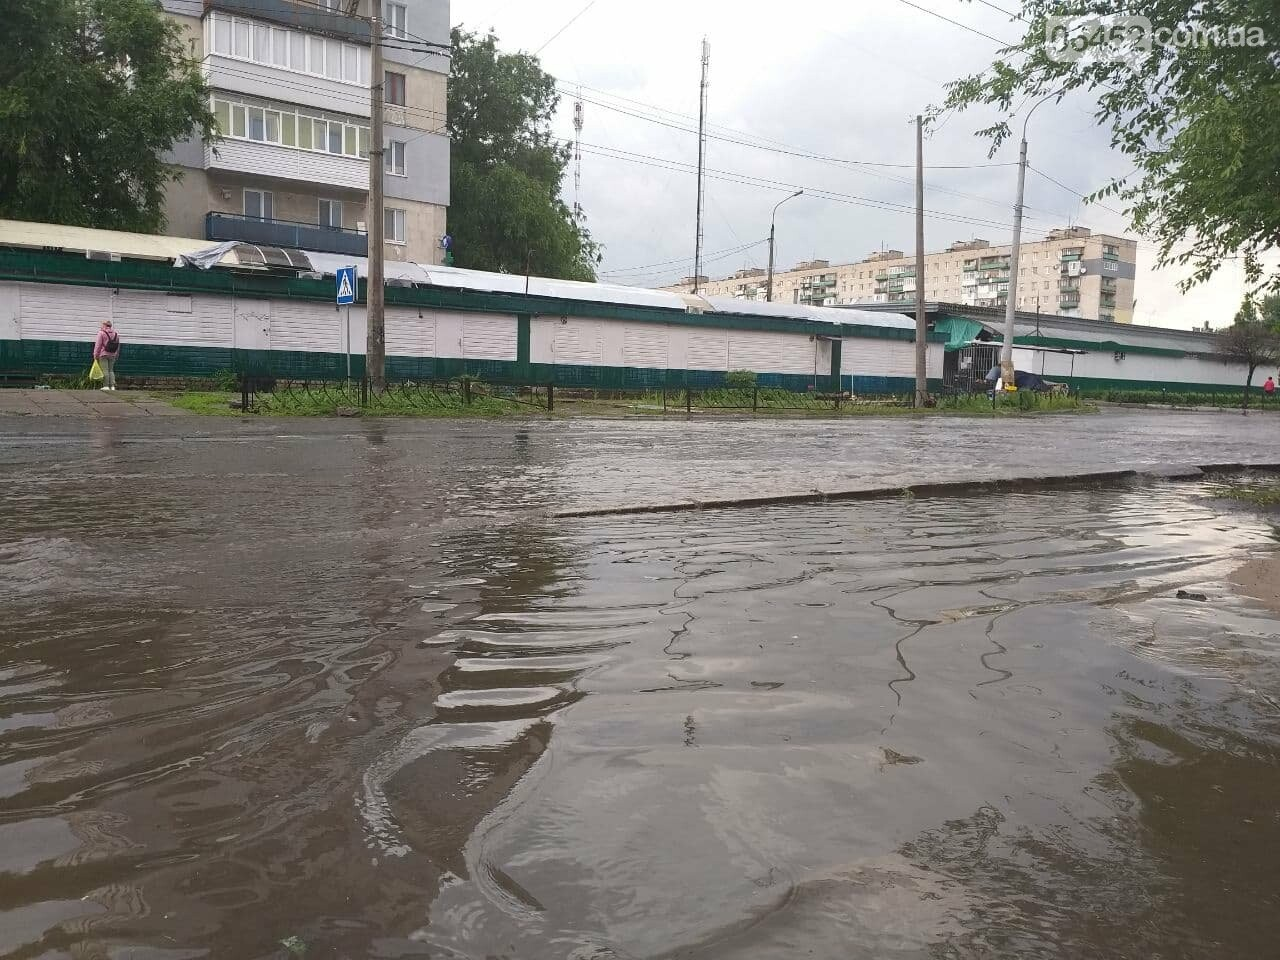 После дождика в четверг: мощный ливень обрушился на Северодонецк и оставил массу проблем, фото-19